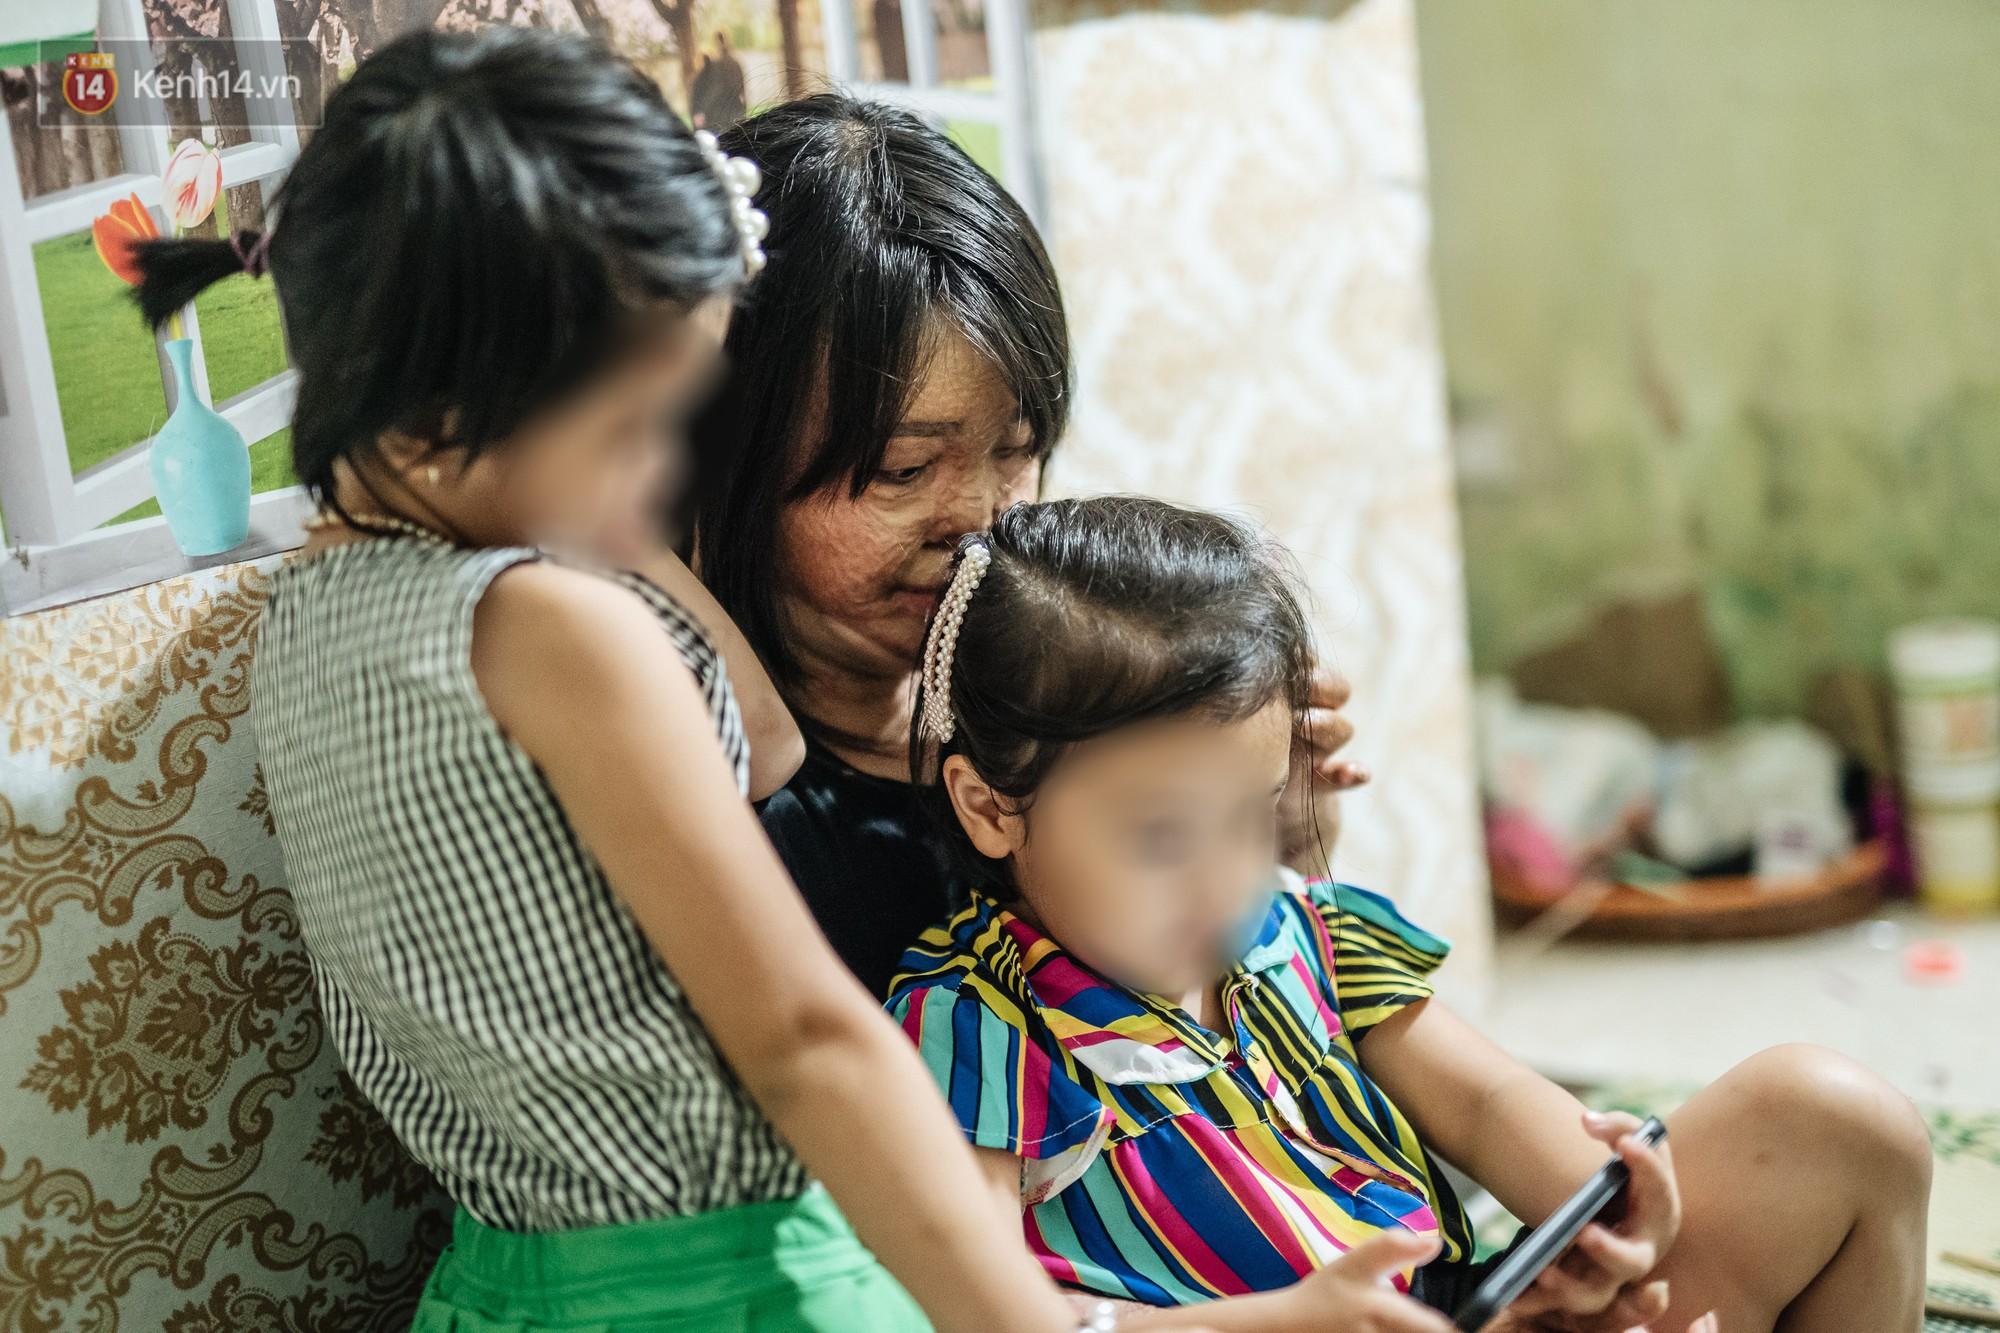 Cô gái trẻ bị chồng tưới xăng thiêu sống và lá thư muộn màng từ trại giam: Gần 3 năm anh chưa một lần dám viết thư cho em và hai con...-5